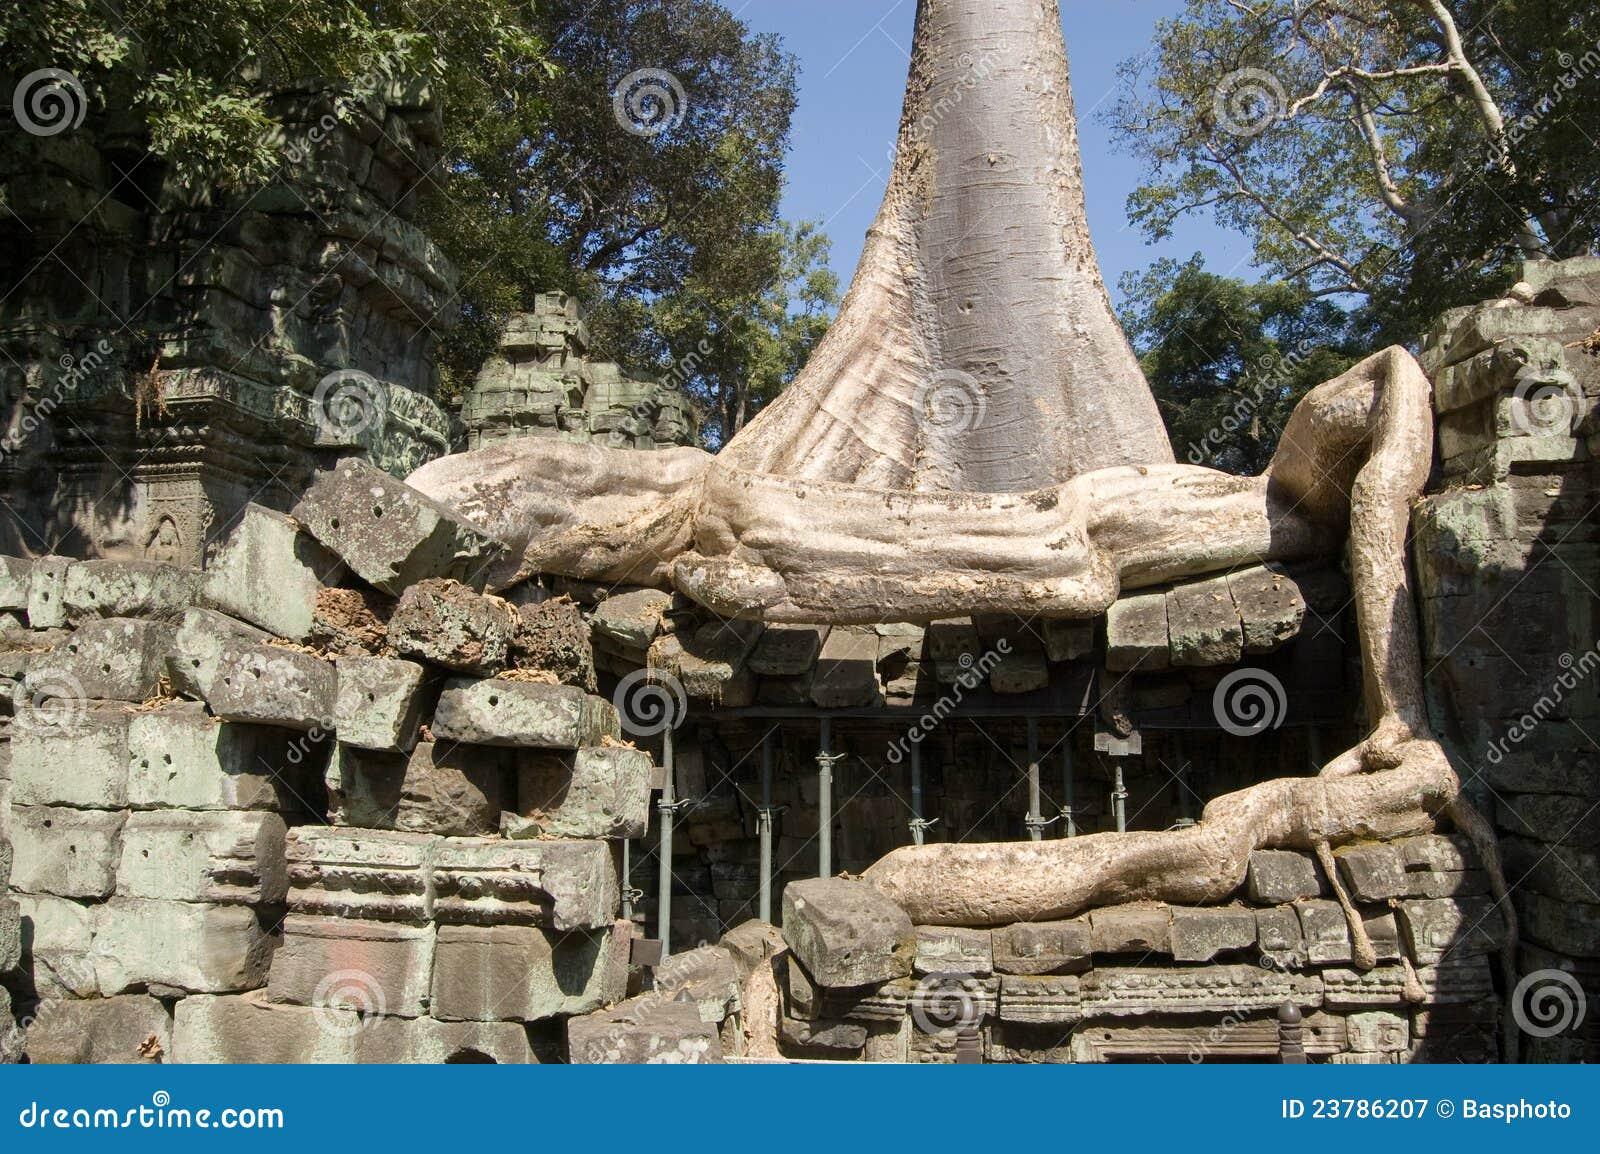 Wat Is Kapok.Kapok Tree And Ancient Ruins Stock Image Image Of Kapok